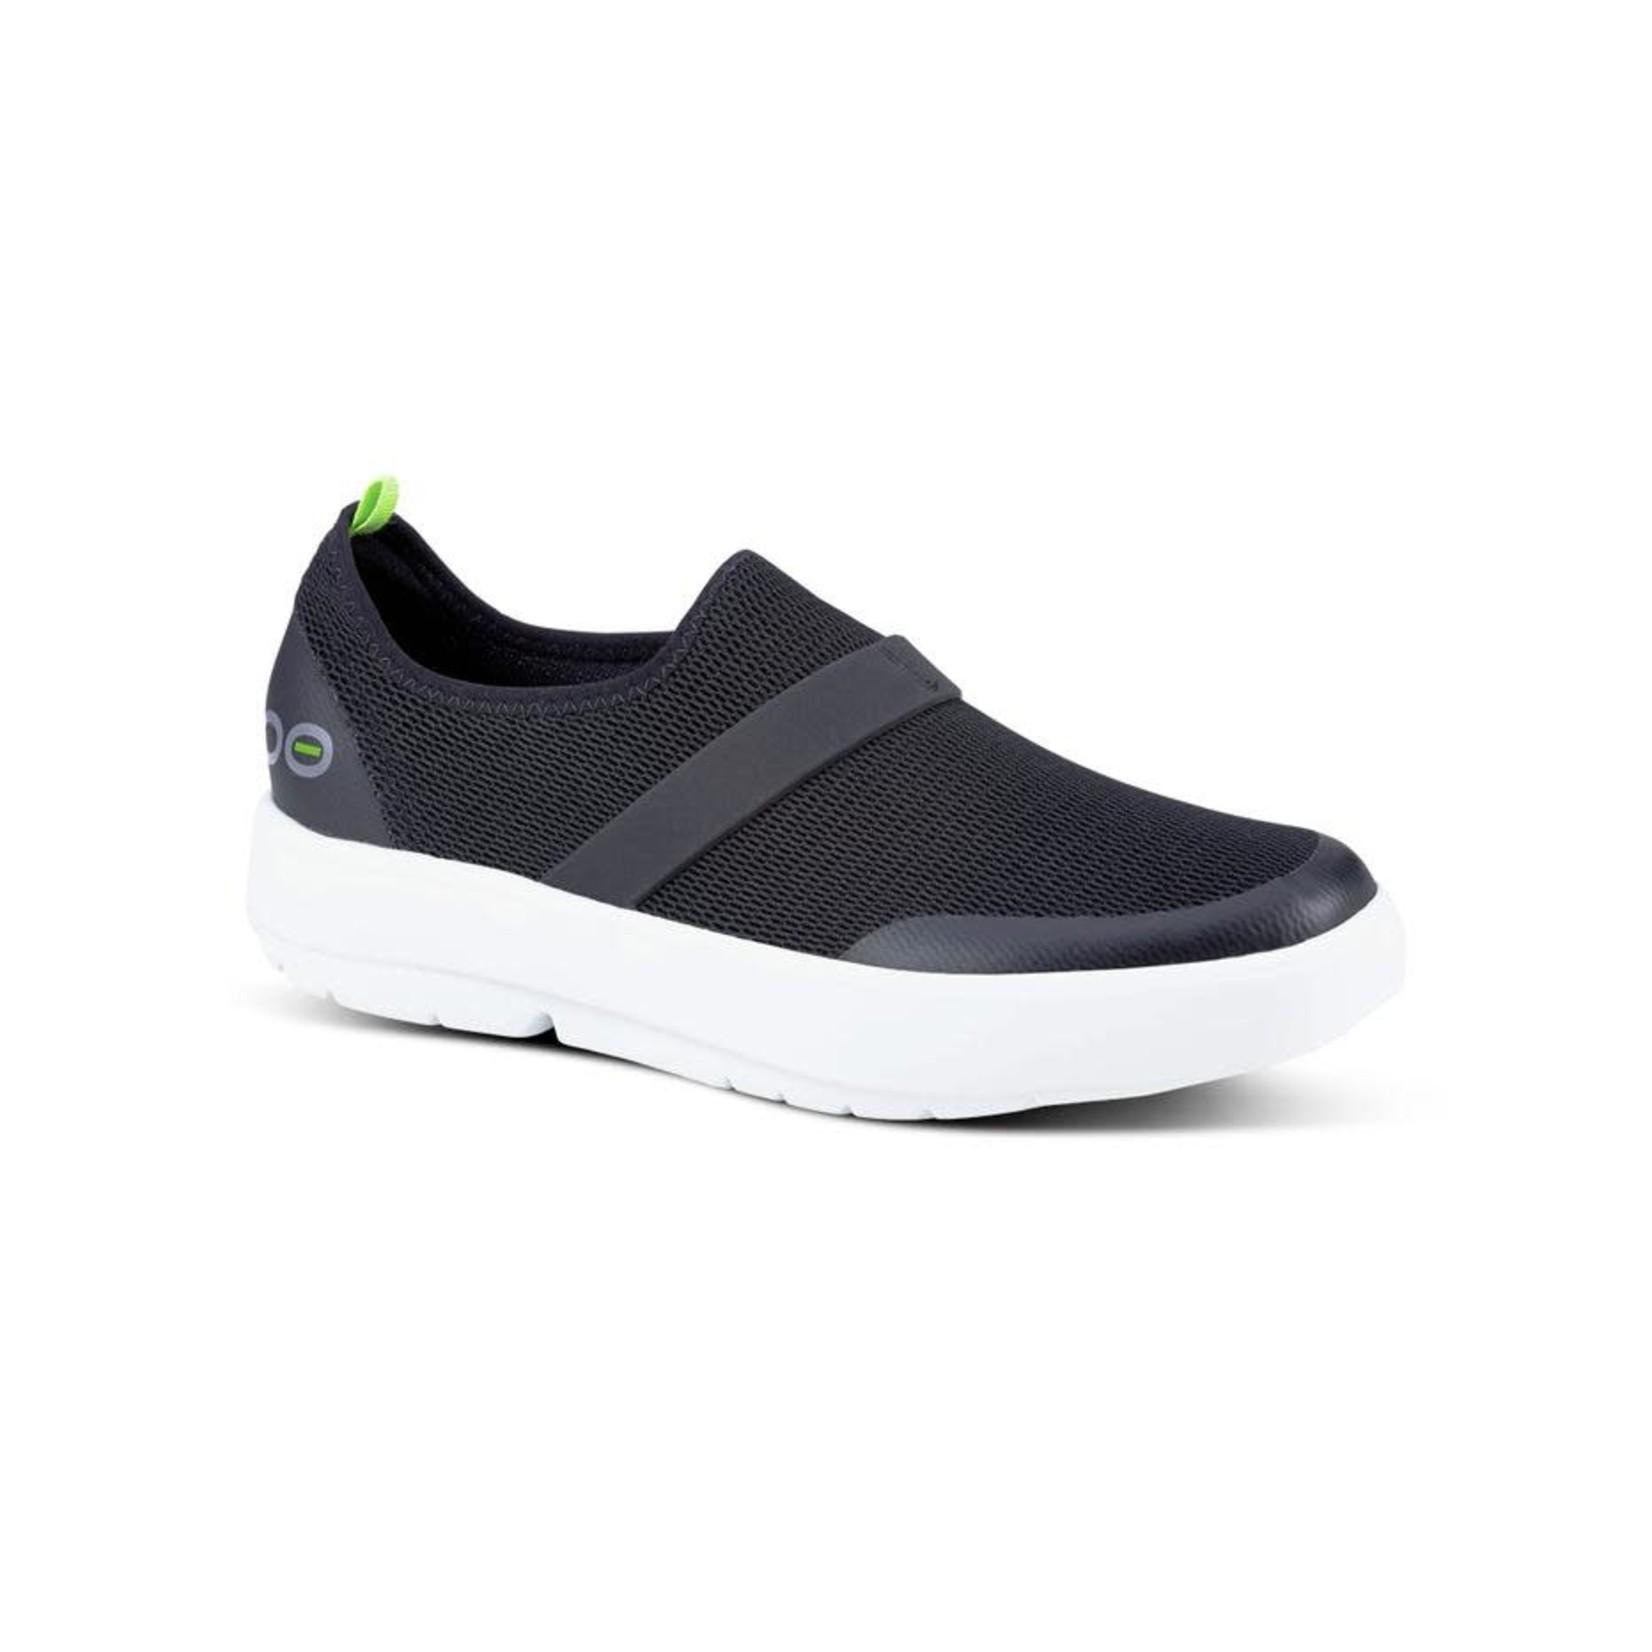 Oofos Oofos Shoes, OOmg Low, Ladies